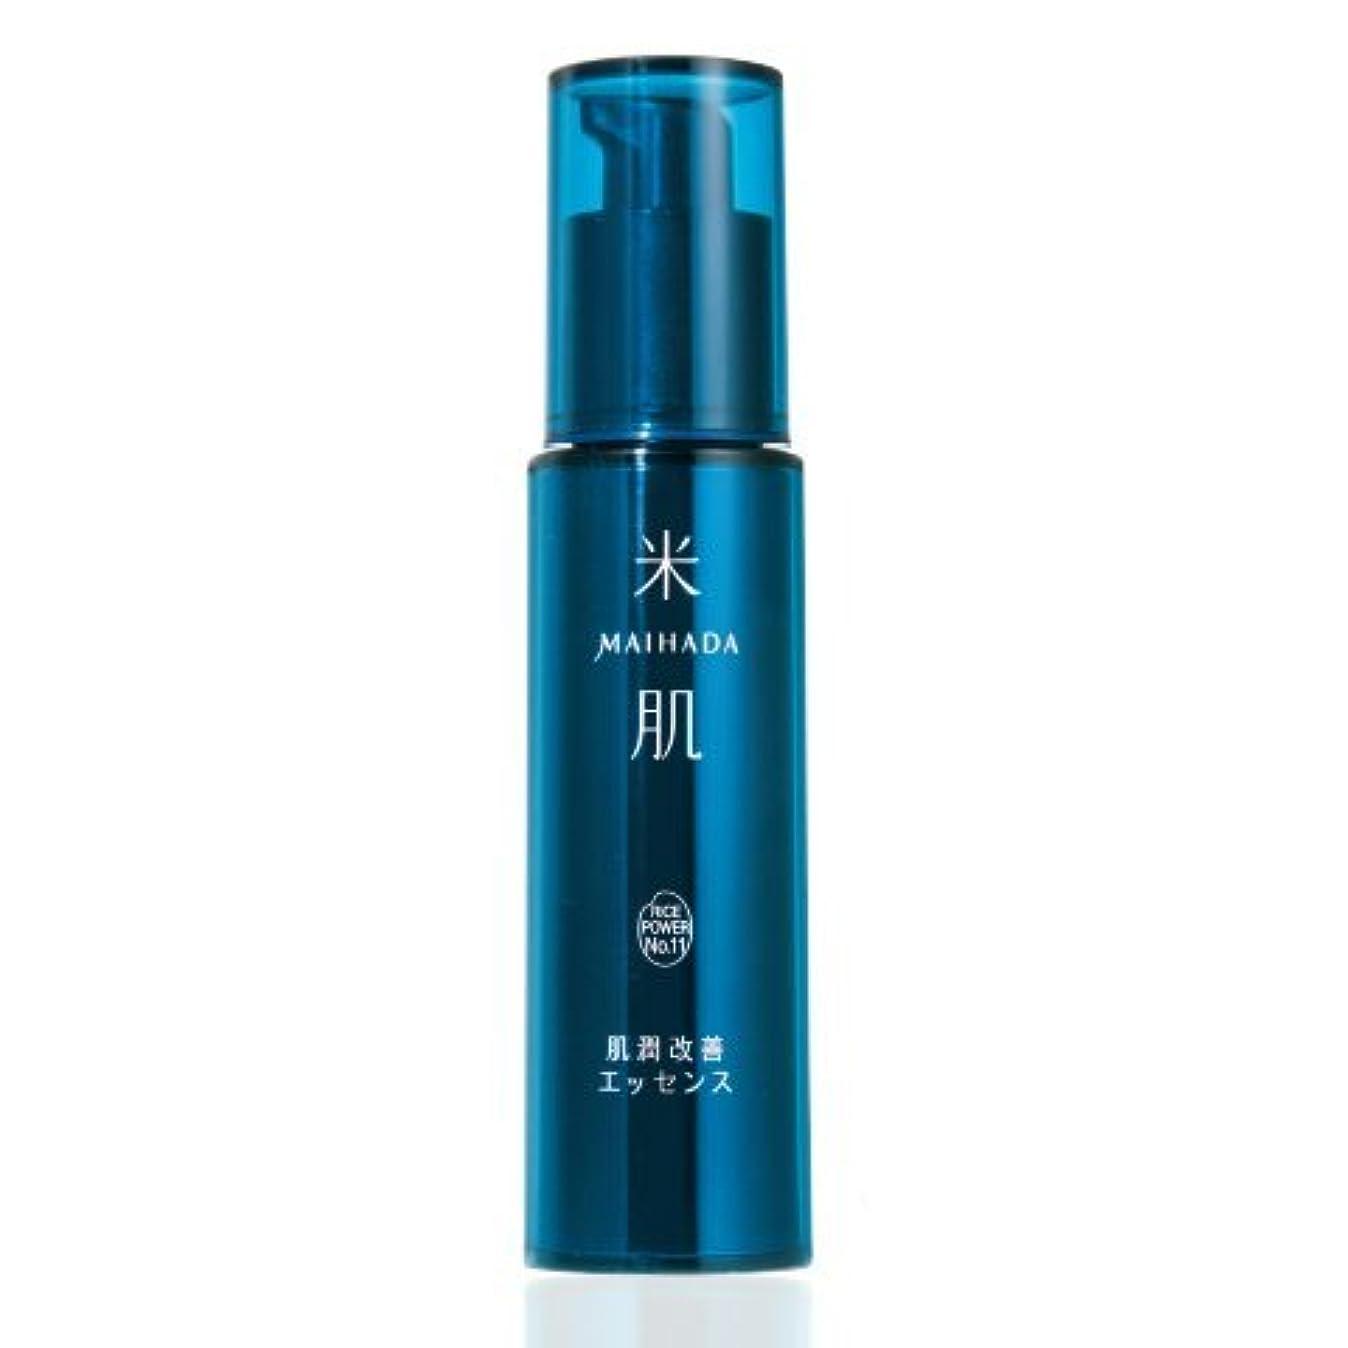 ホイール鎮痛剤ポインタ米肌(MAIHADA) 肌潤改善エッセンス コーセー KOSE